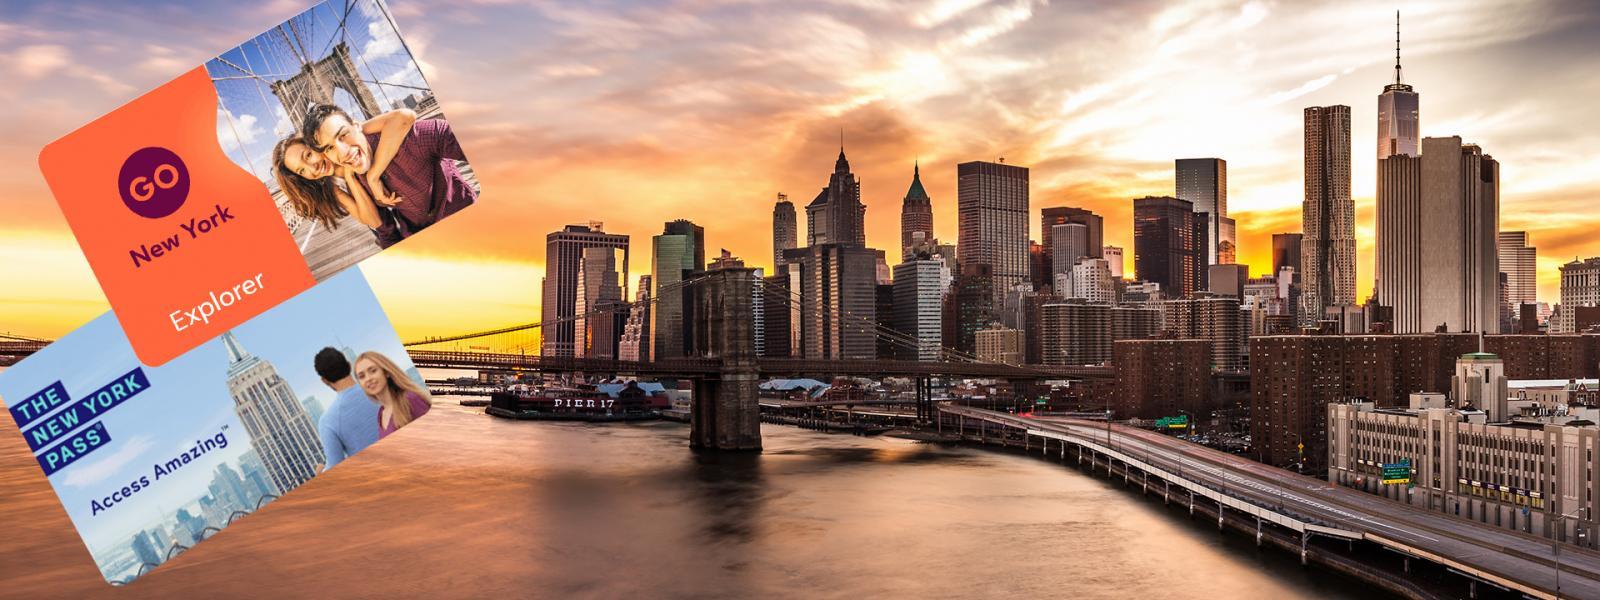 ᐅ go new york explorer pass ou sightseeing pass flex qual